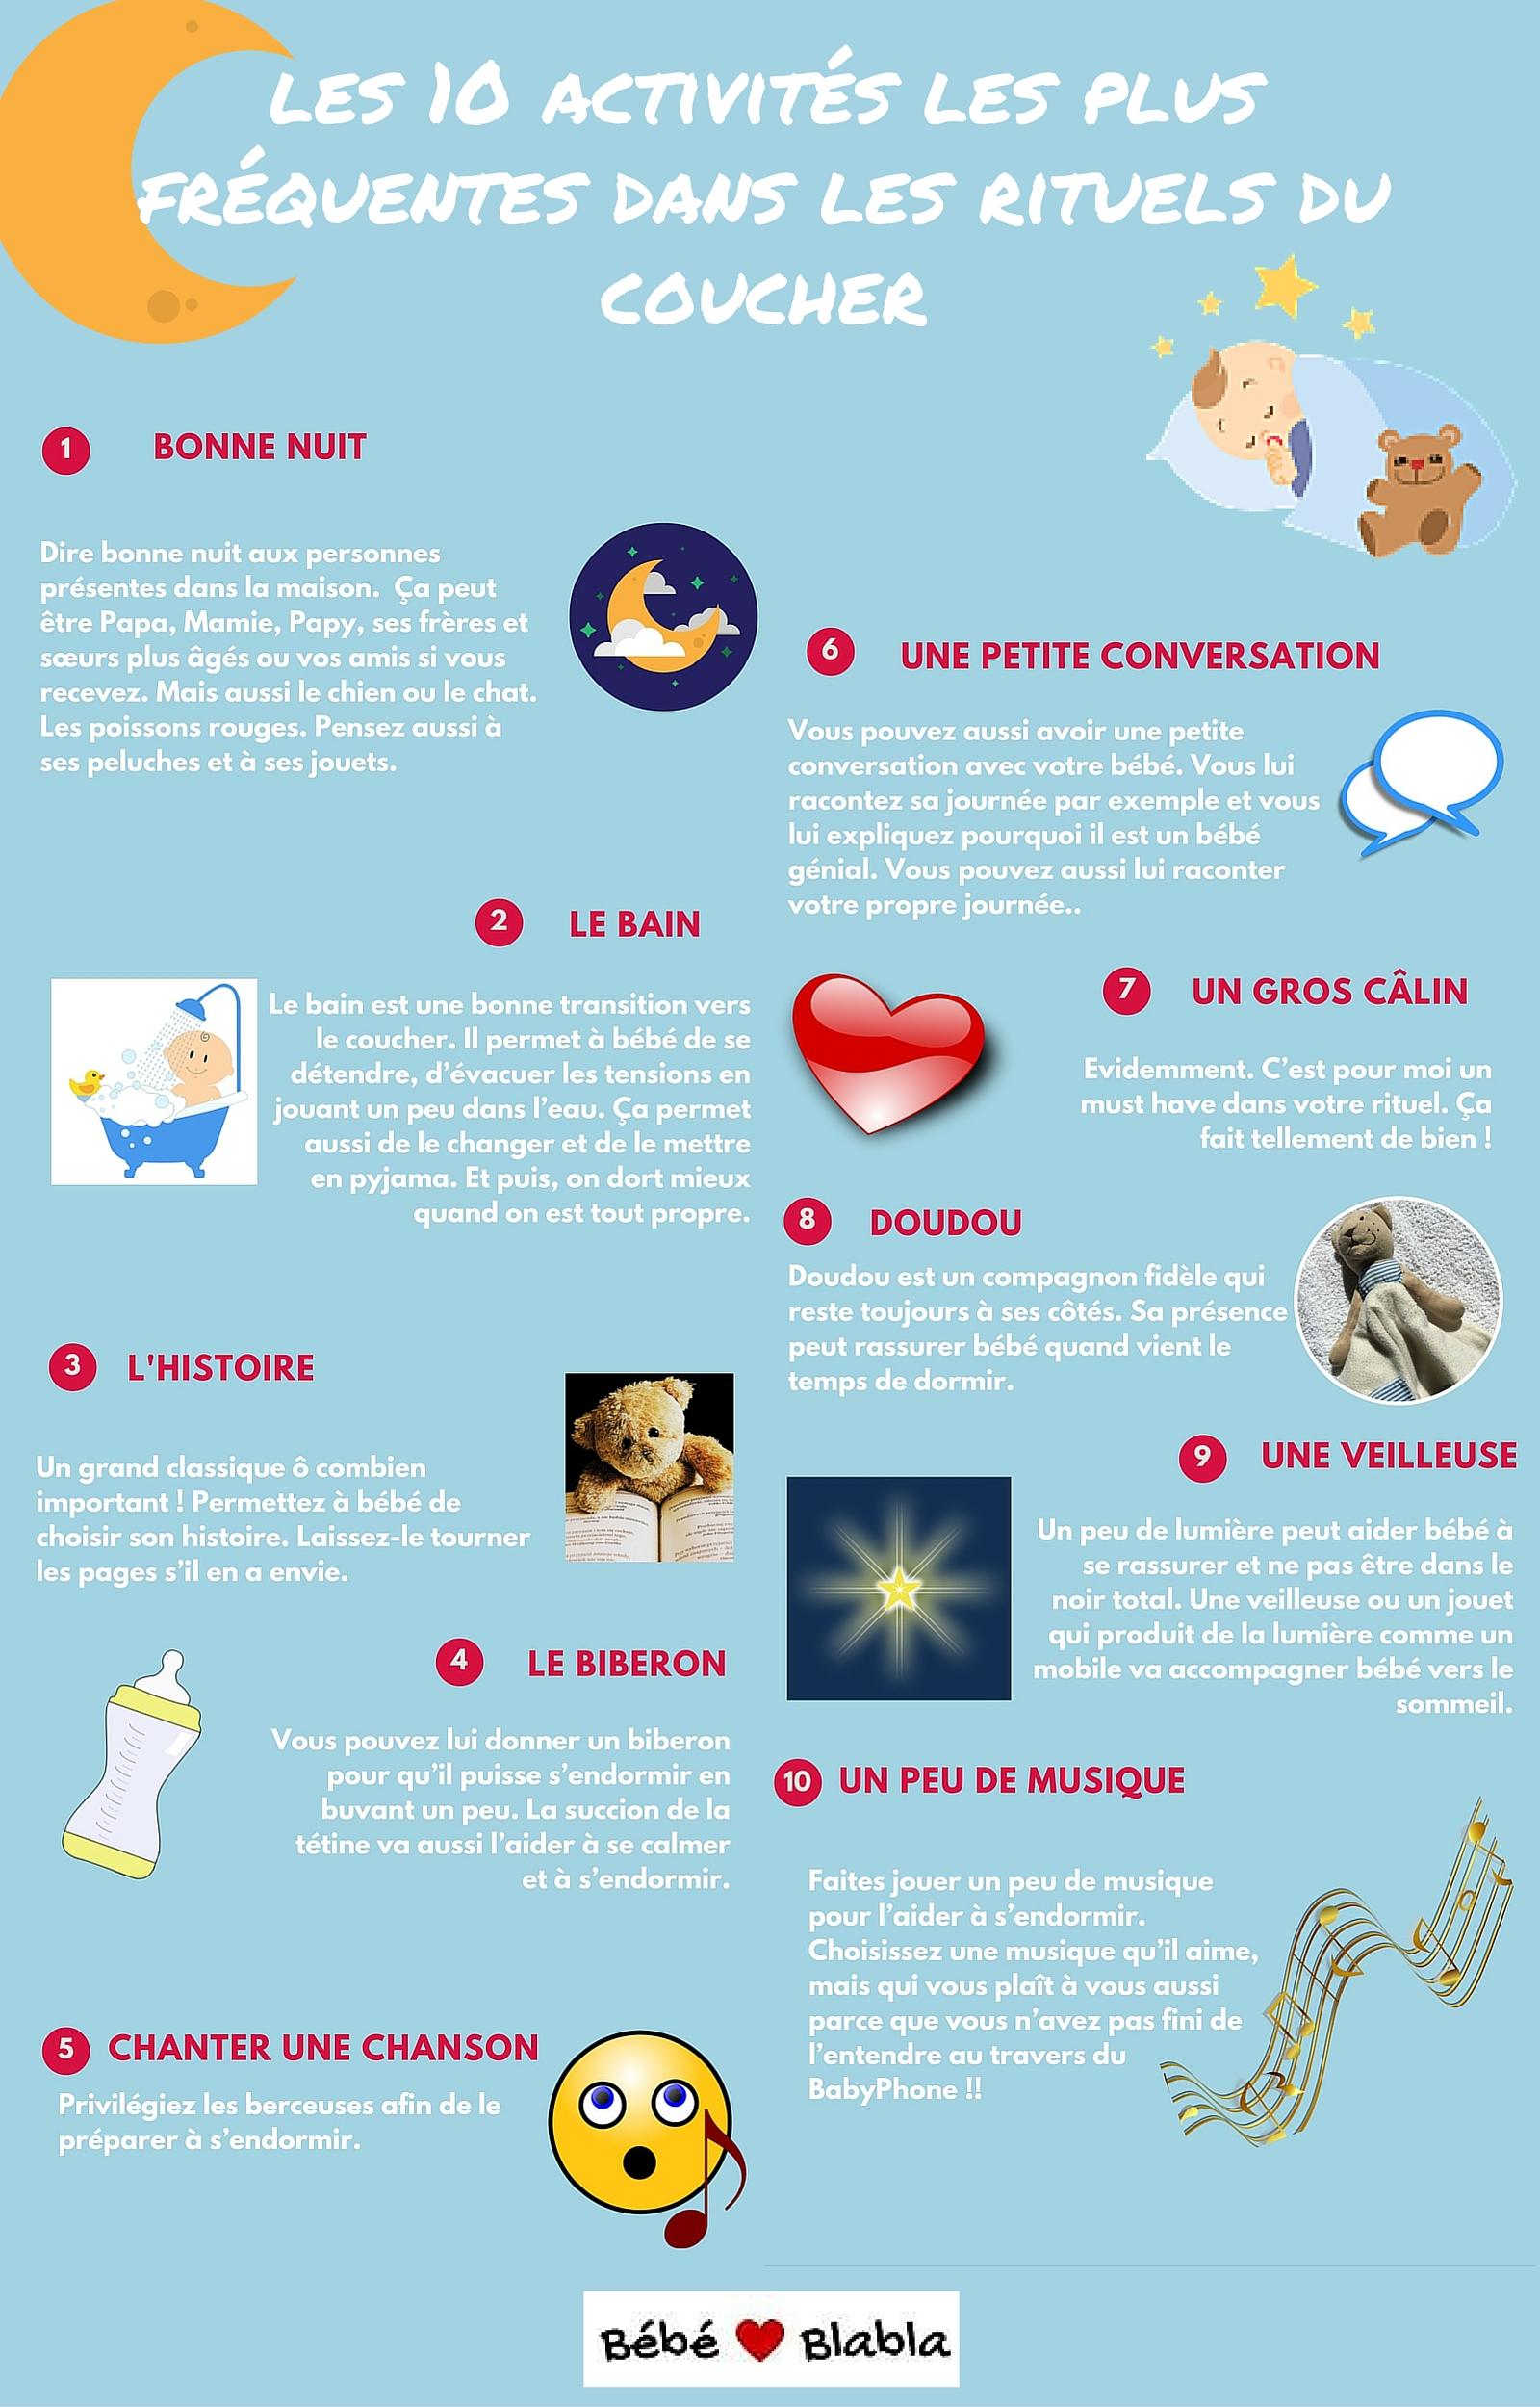 www.bebeblabla.fr activités pour rituels du coucher pour bébé